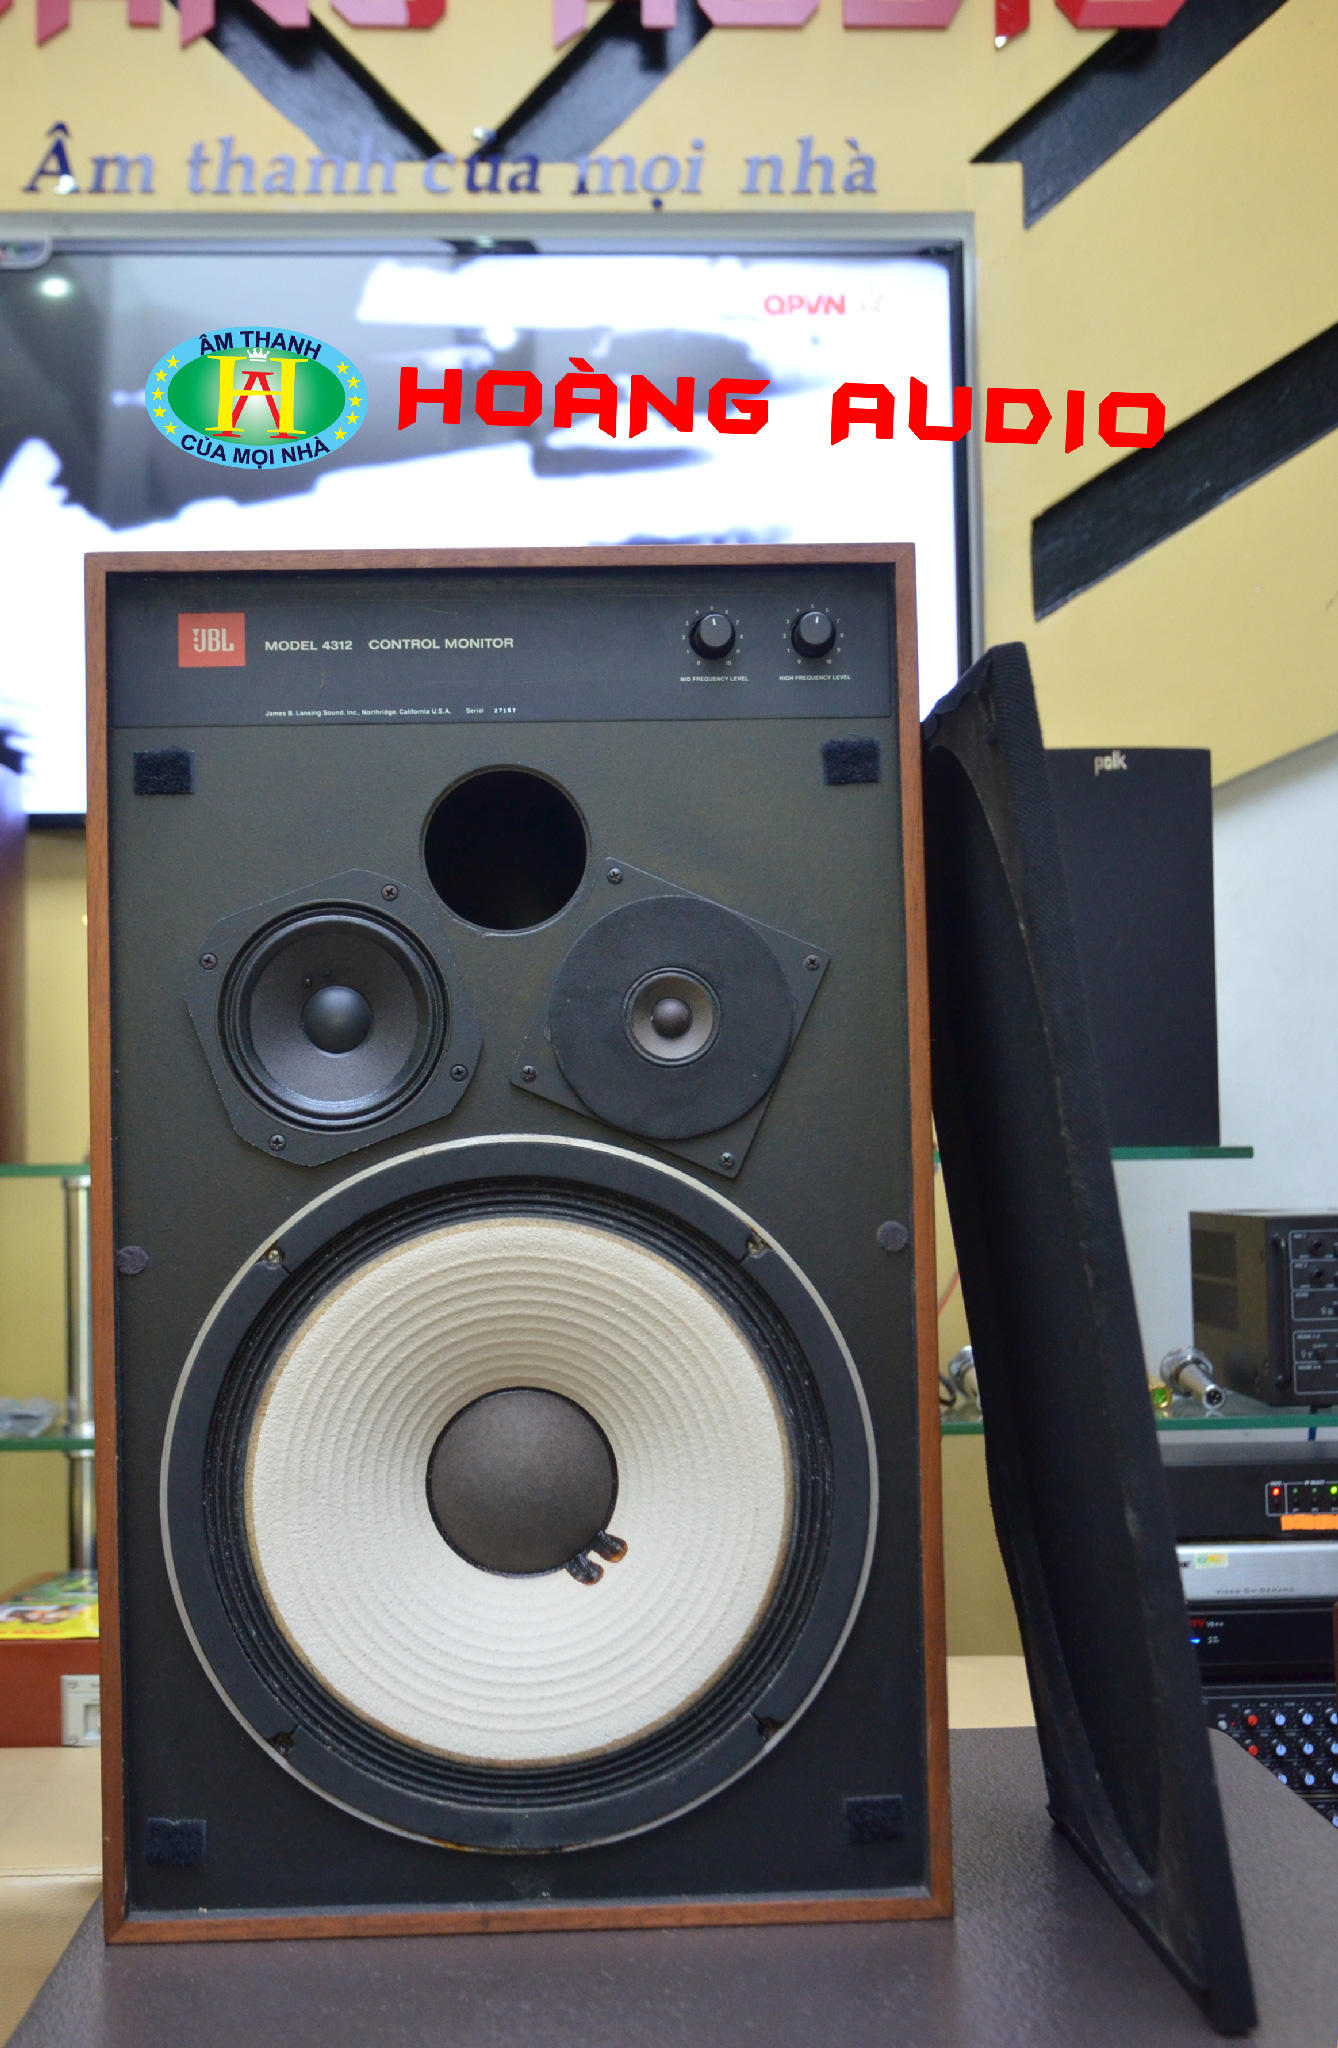 Thumbnail image for Tư vấn chọn loa cho dàn âm thanh nghe nhạc vàng